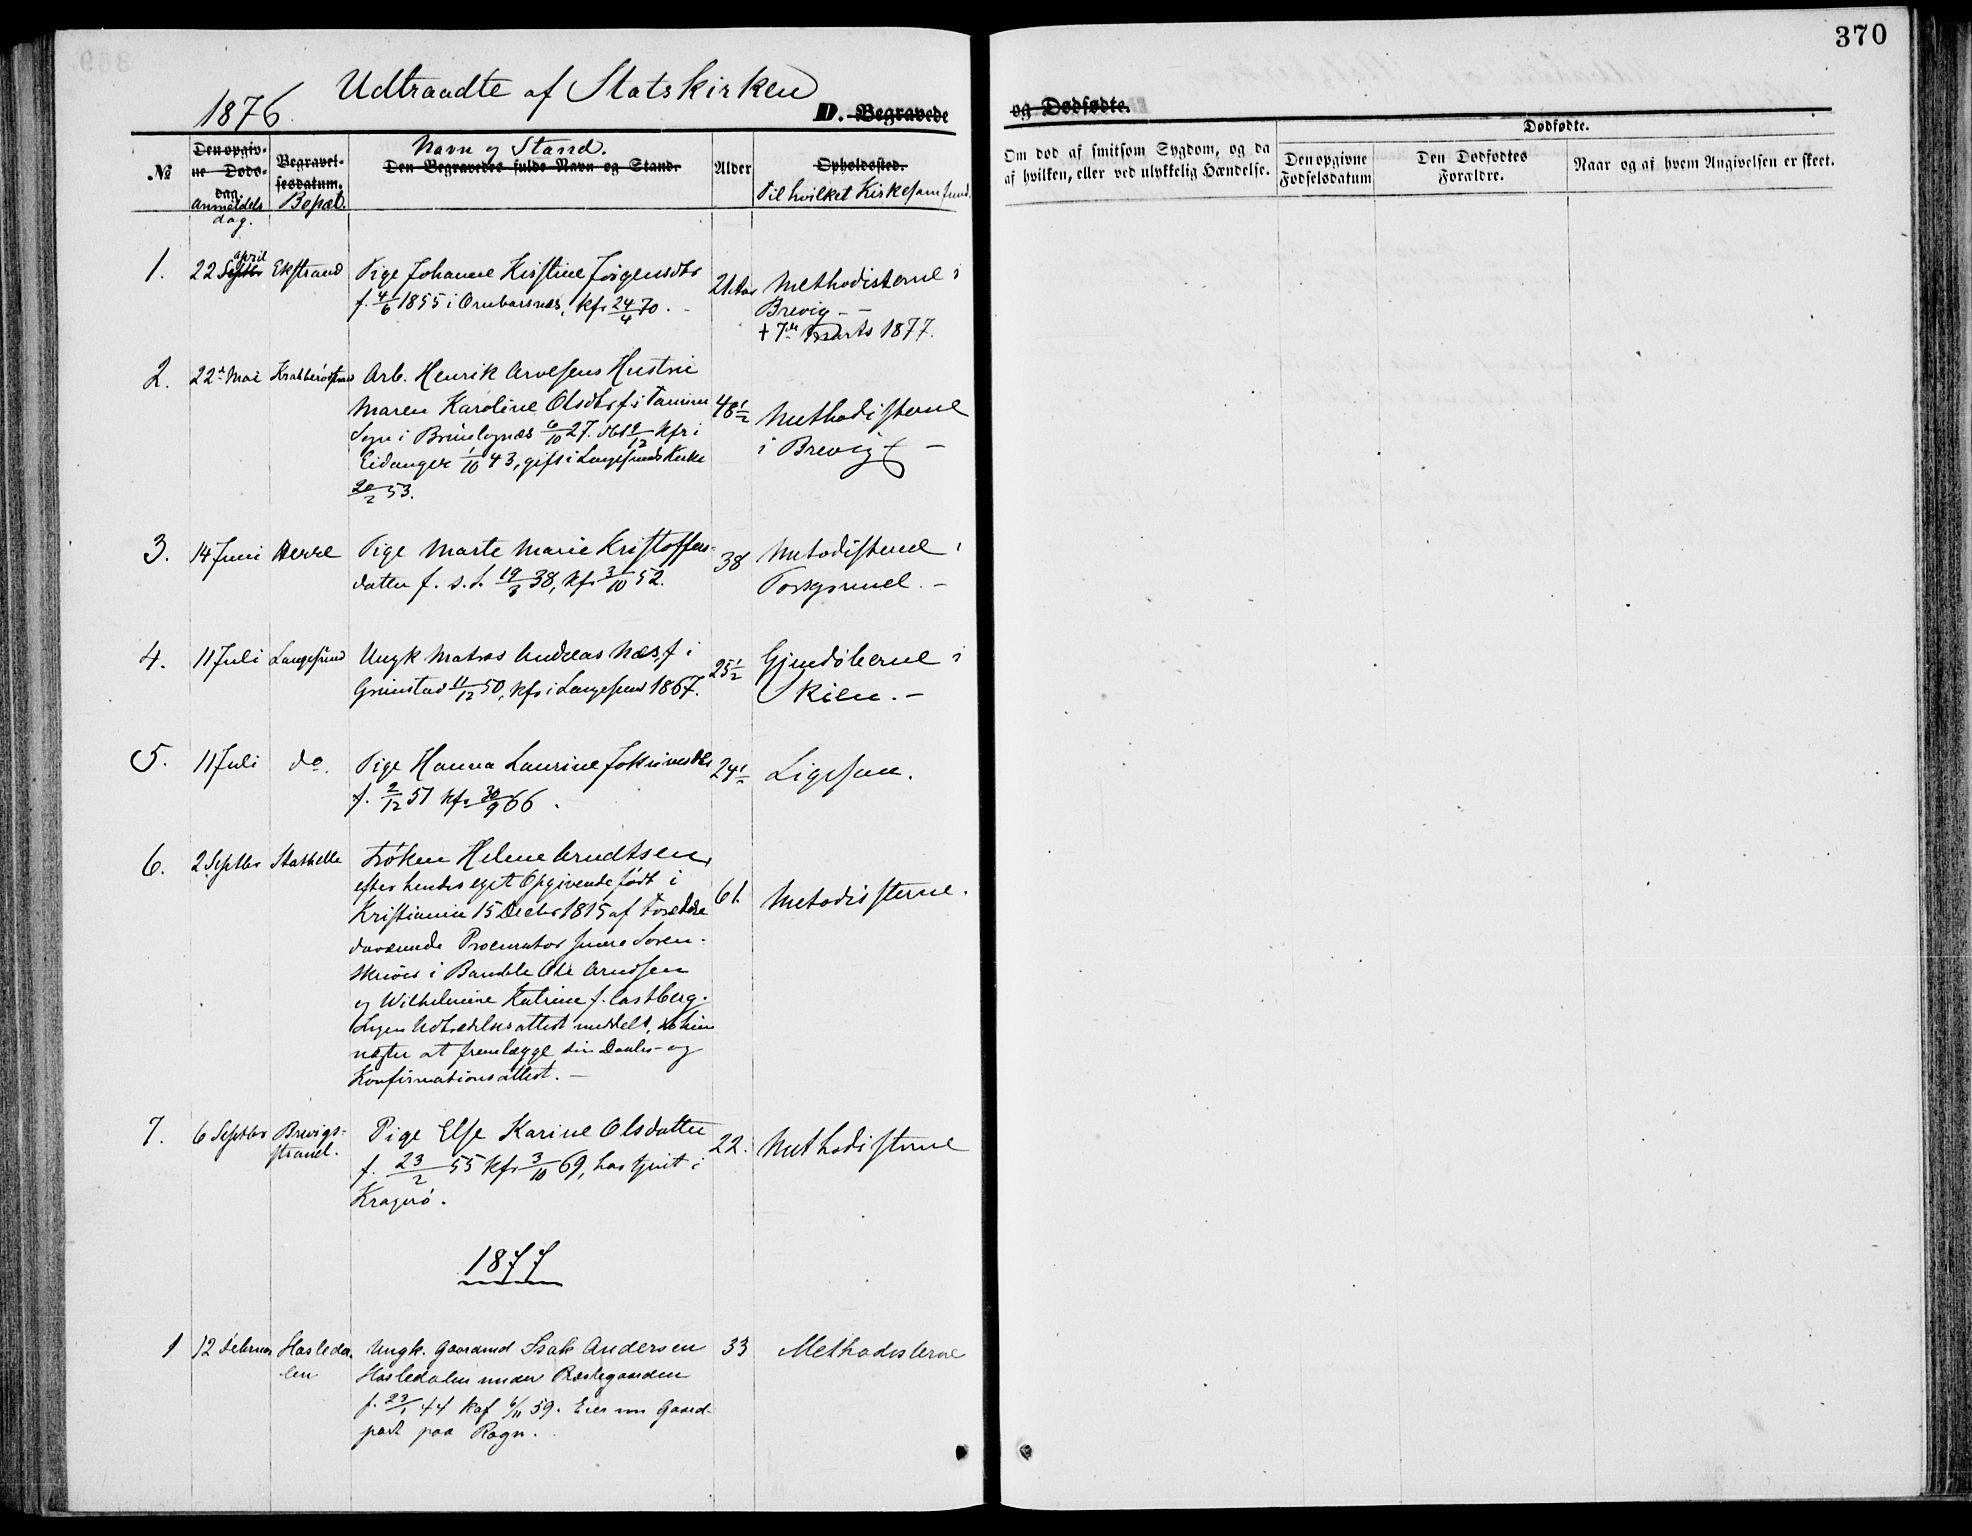 SAKO, Bamble kirkebøker, G/Ga/L0007: Klokkerbok nr. I 7, 1876-1877, s. 370